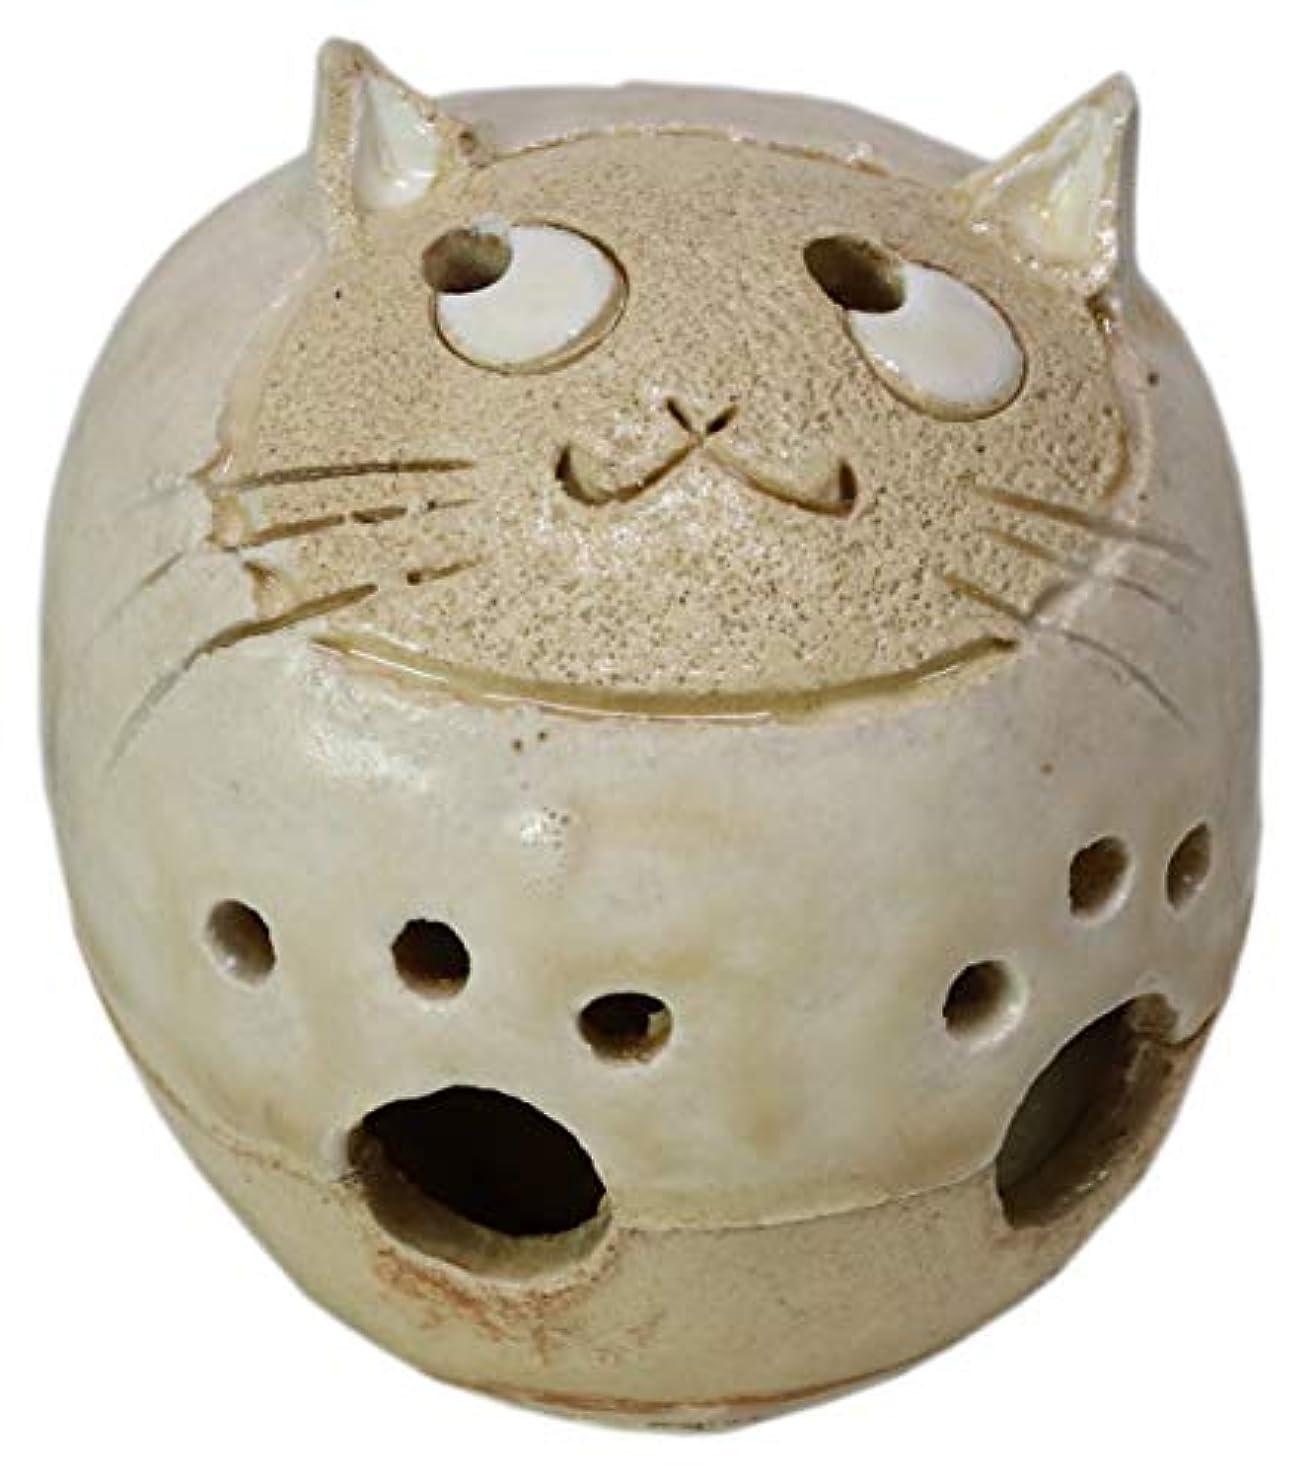 試みる大聖堂小説家香炉 丸猫 香炉(小) [H6cm] HANDMADE プレゼント ギフト 和食器 かわいい インテリア